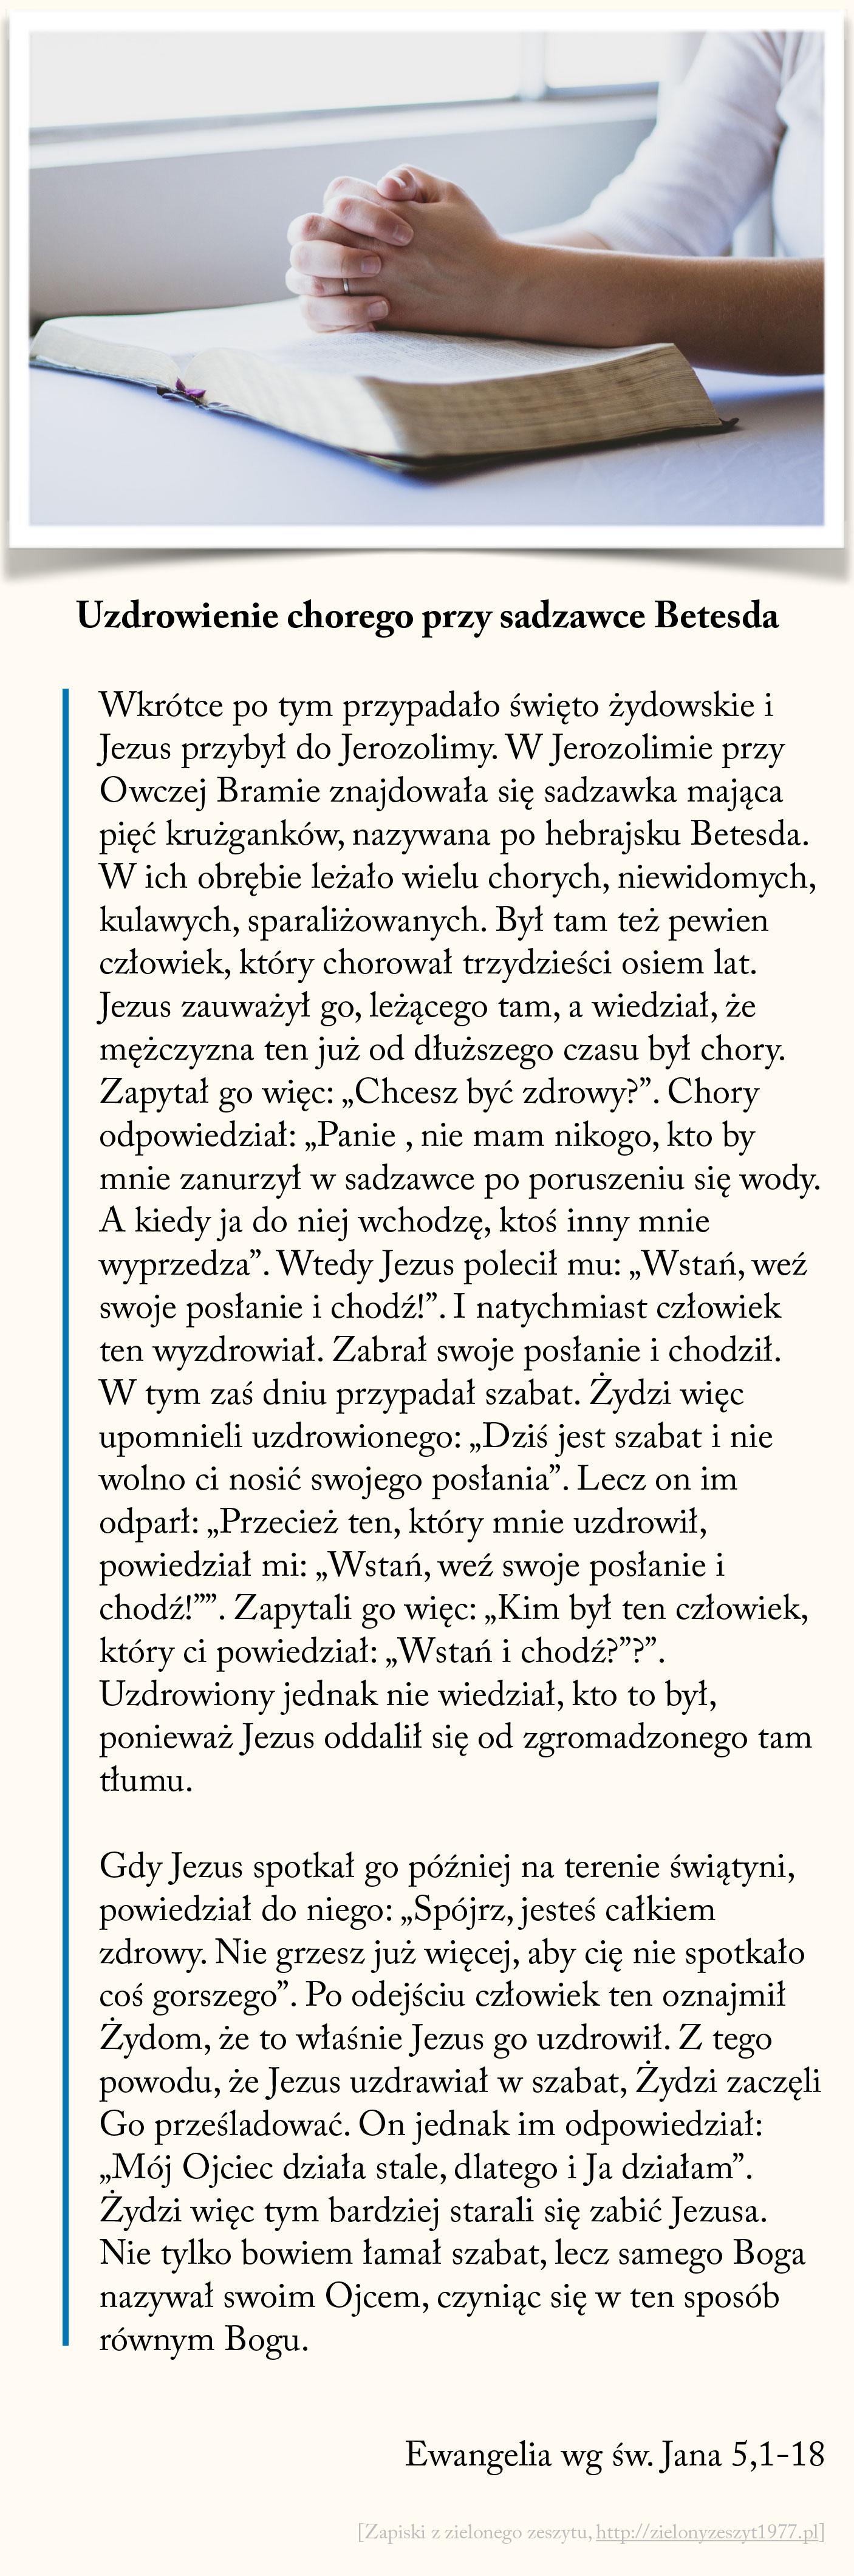 Uzdrowienie chorego przy sadzawce Betesda, Ewangelia wg św. Jana